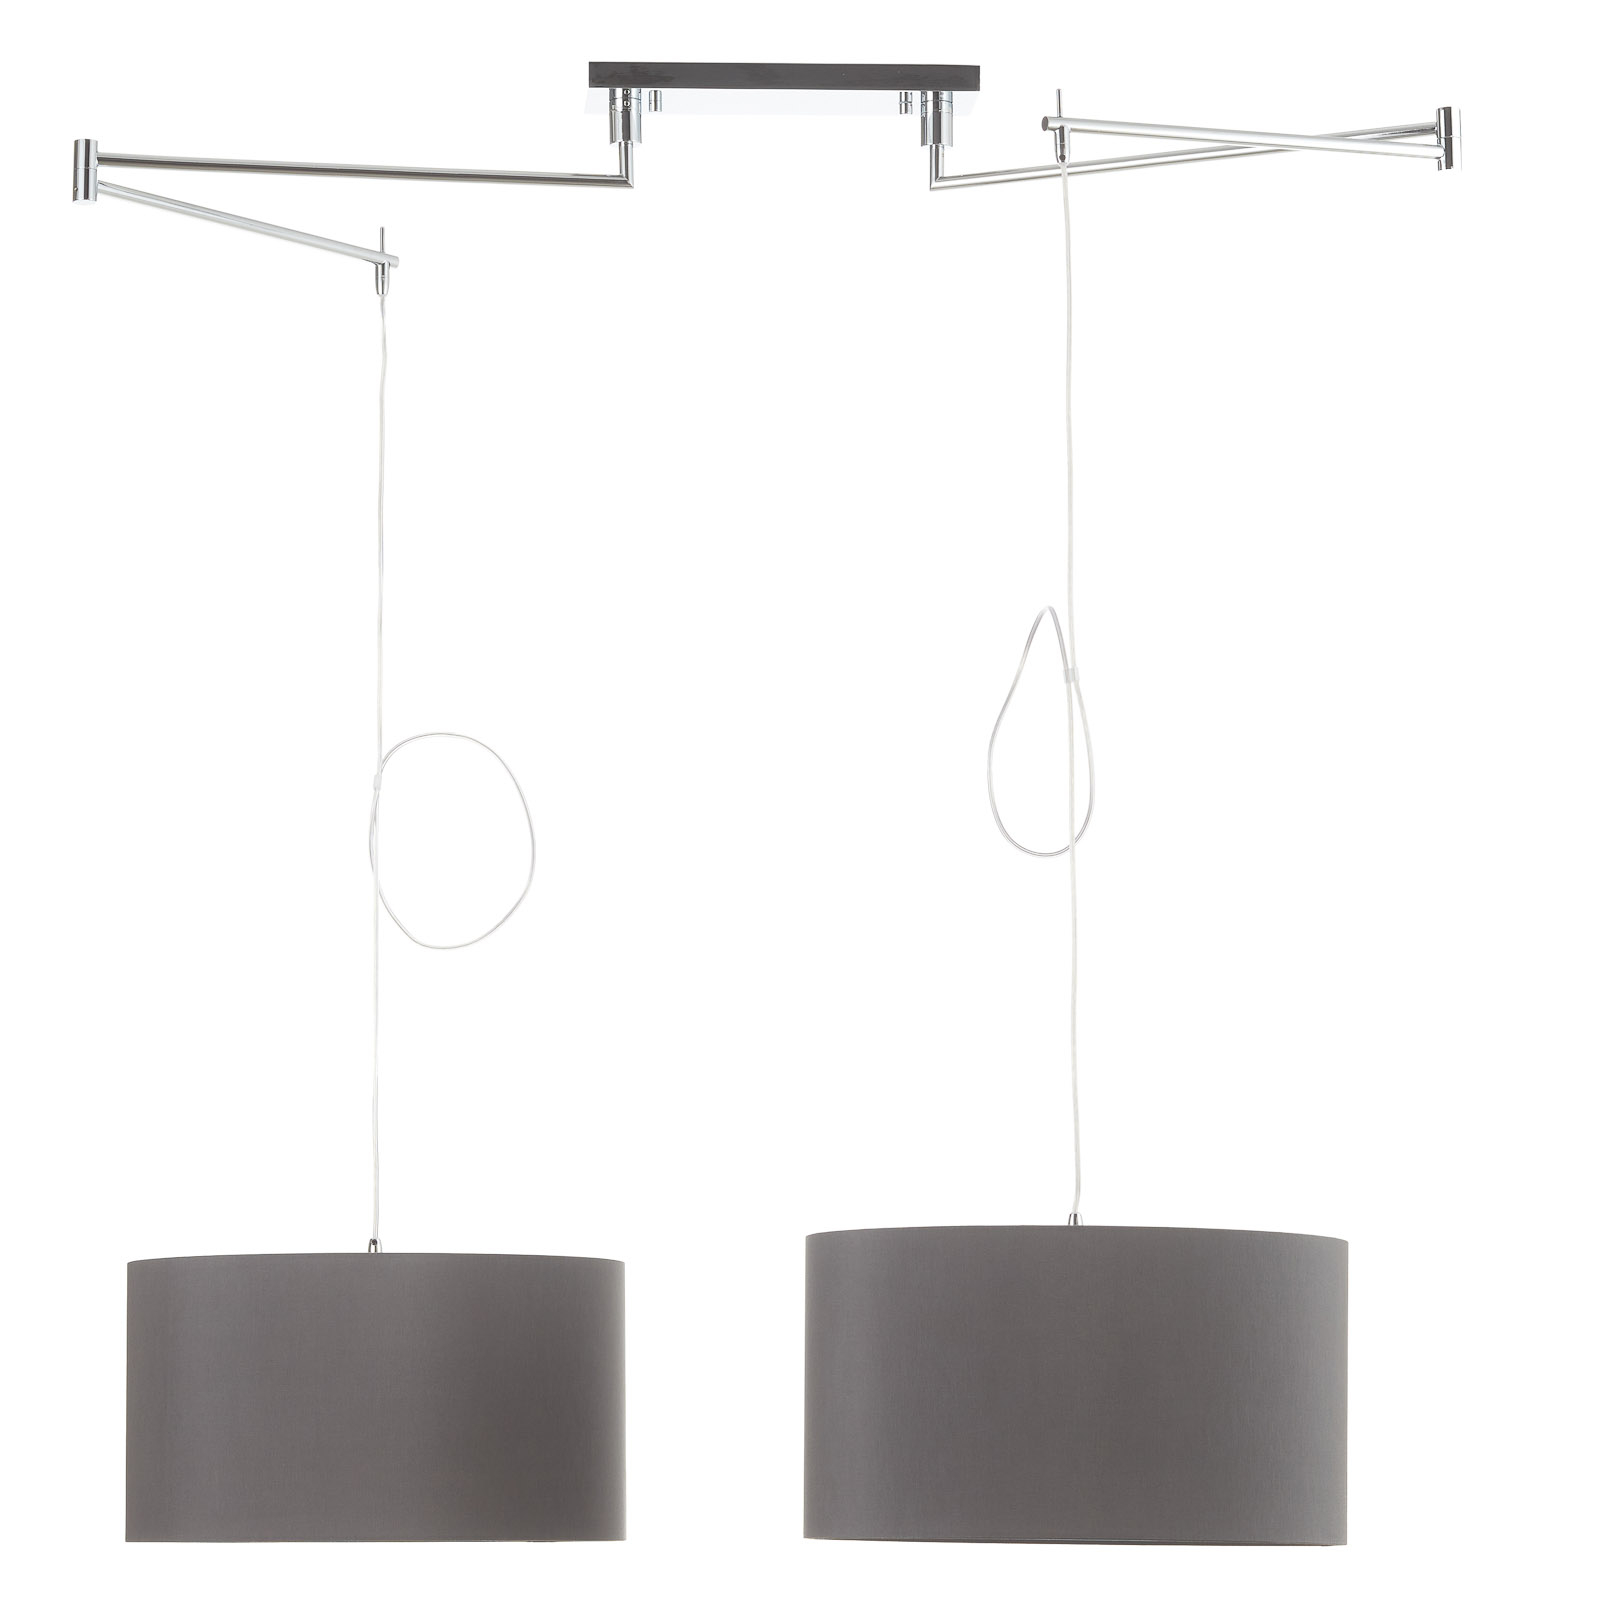 Helestra Certo hængelampe, 2 lyskilder, antracit